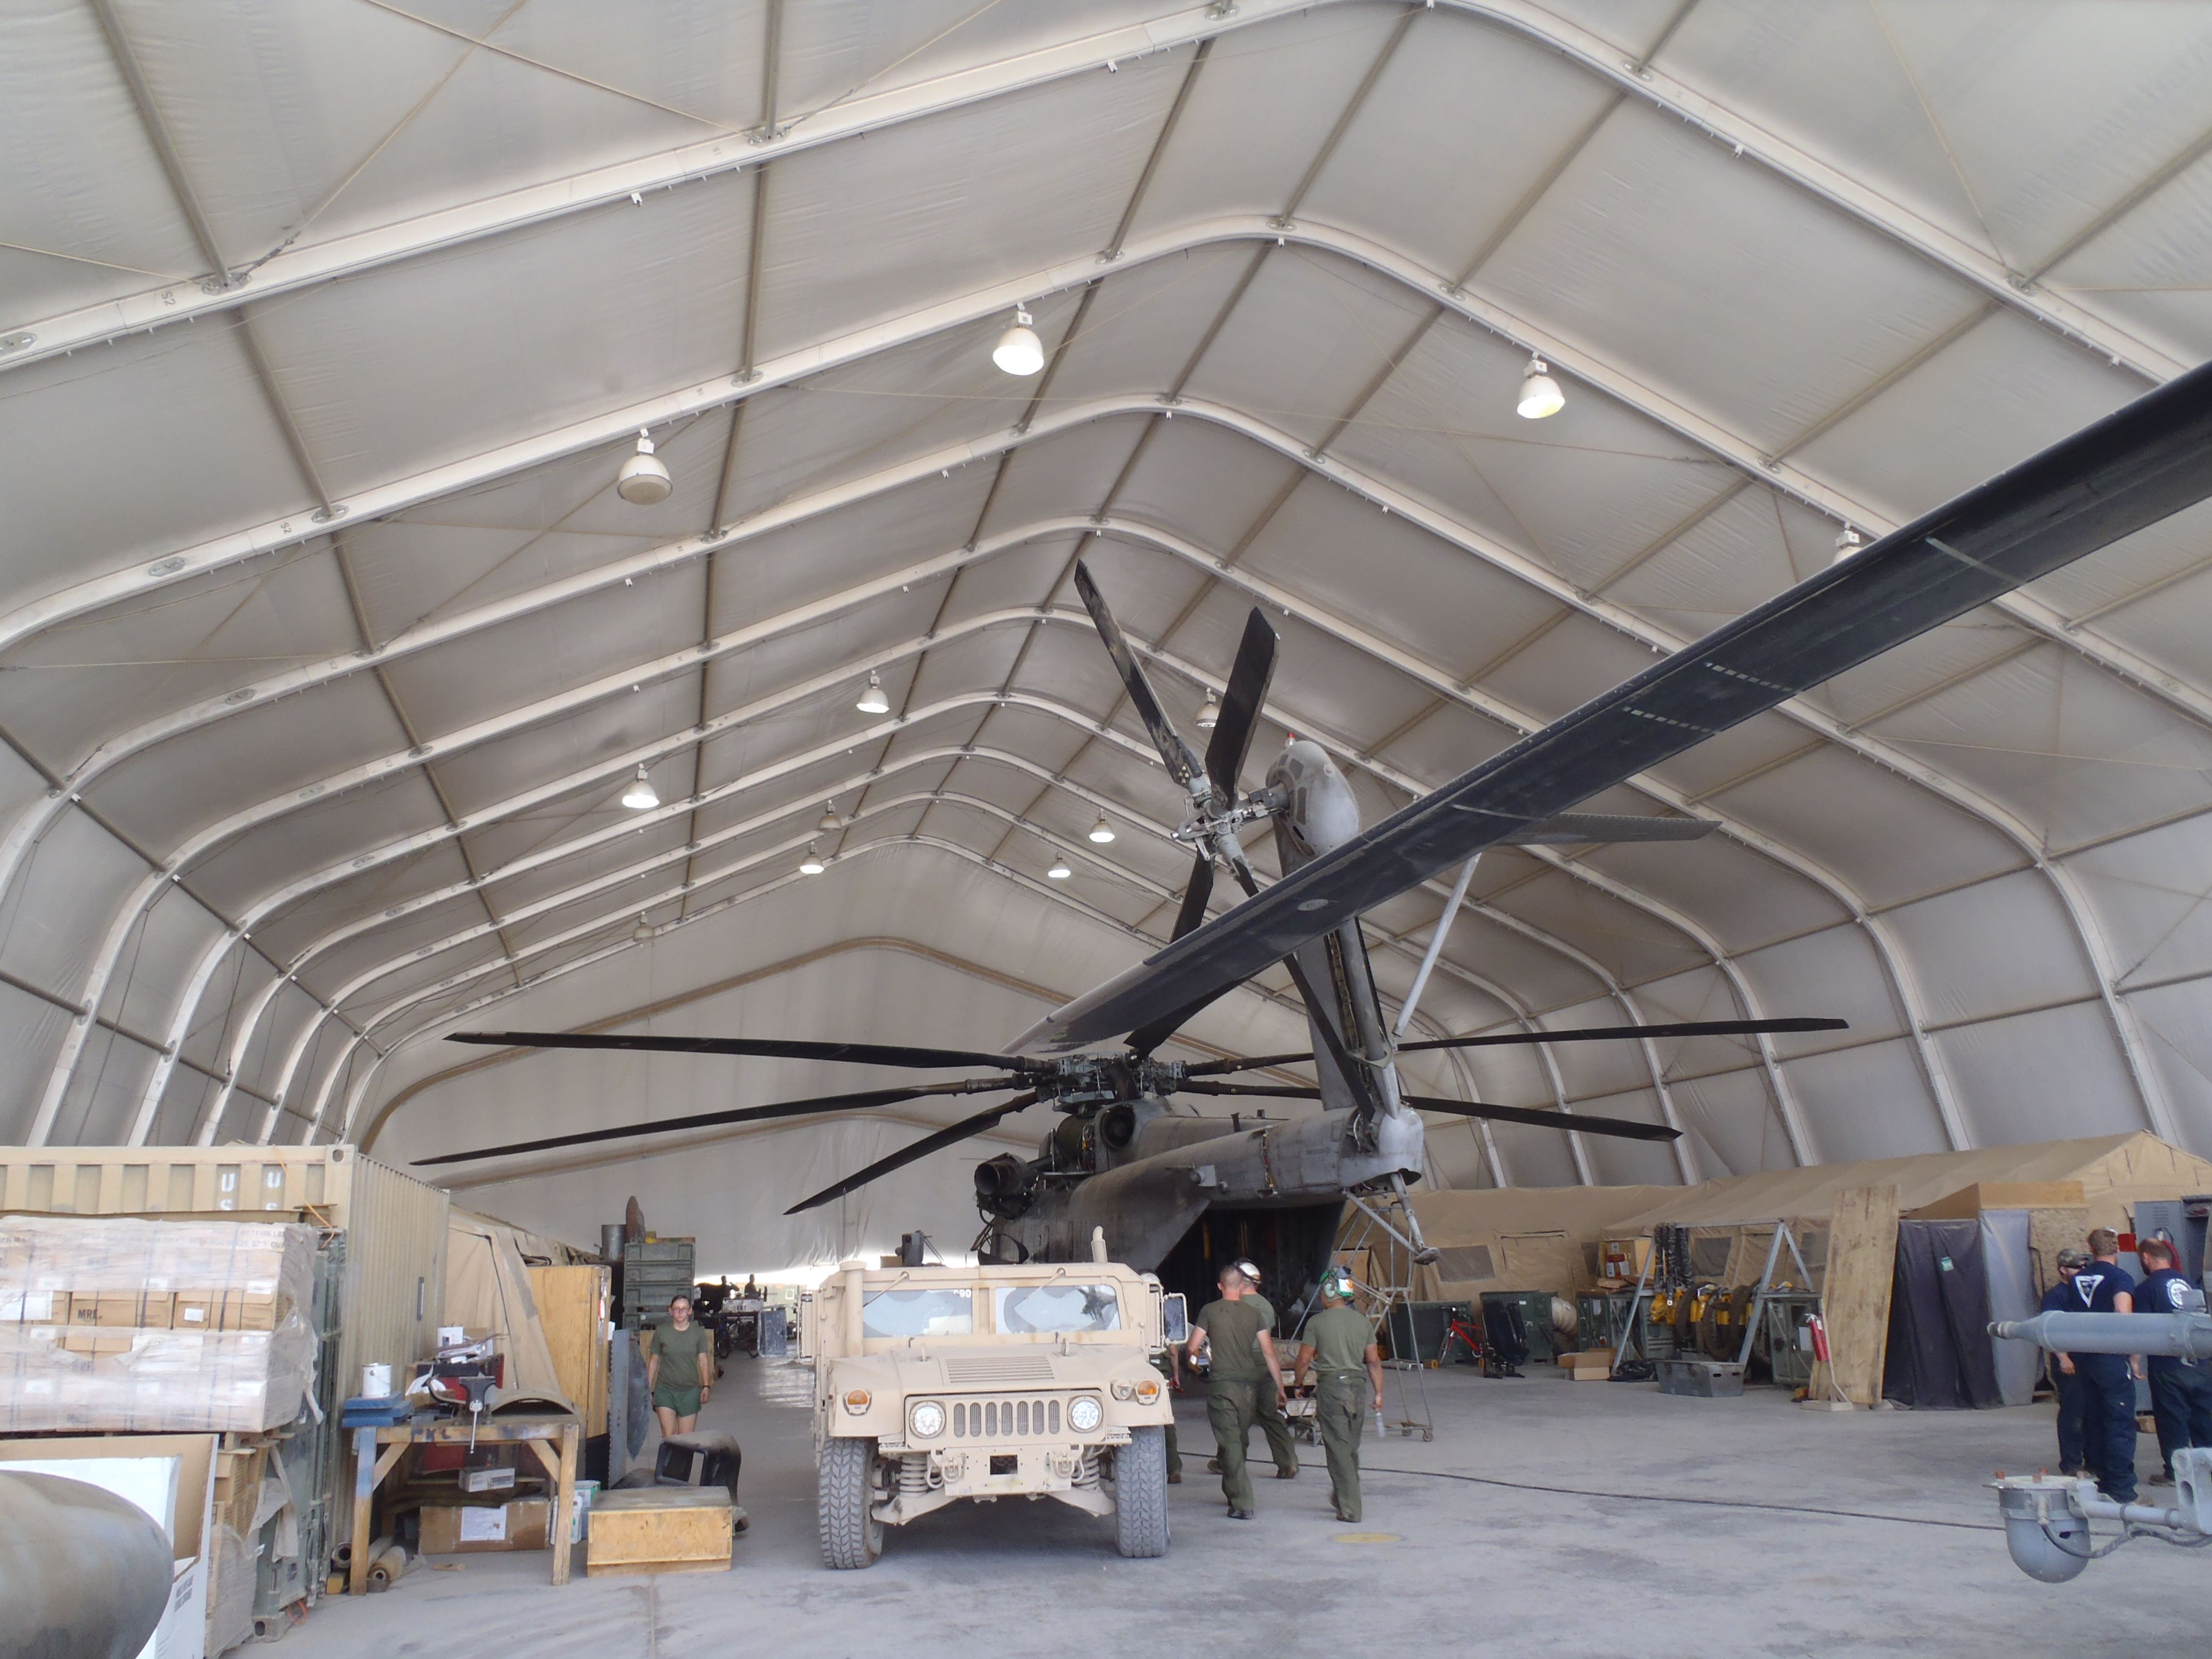 Large Area Maintenance Shelters : Large area maintenance shelters lams big enough for a